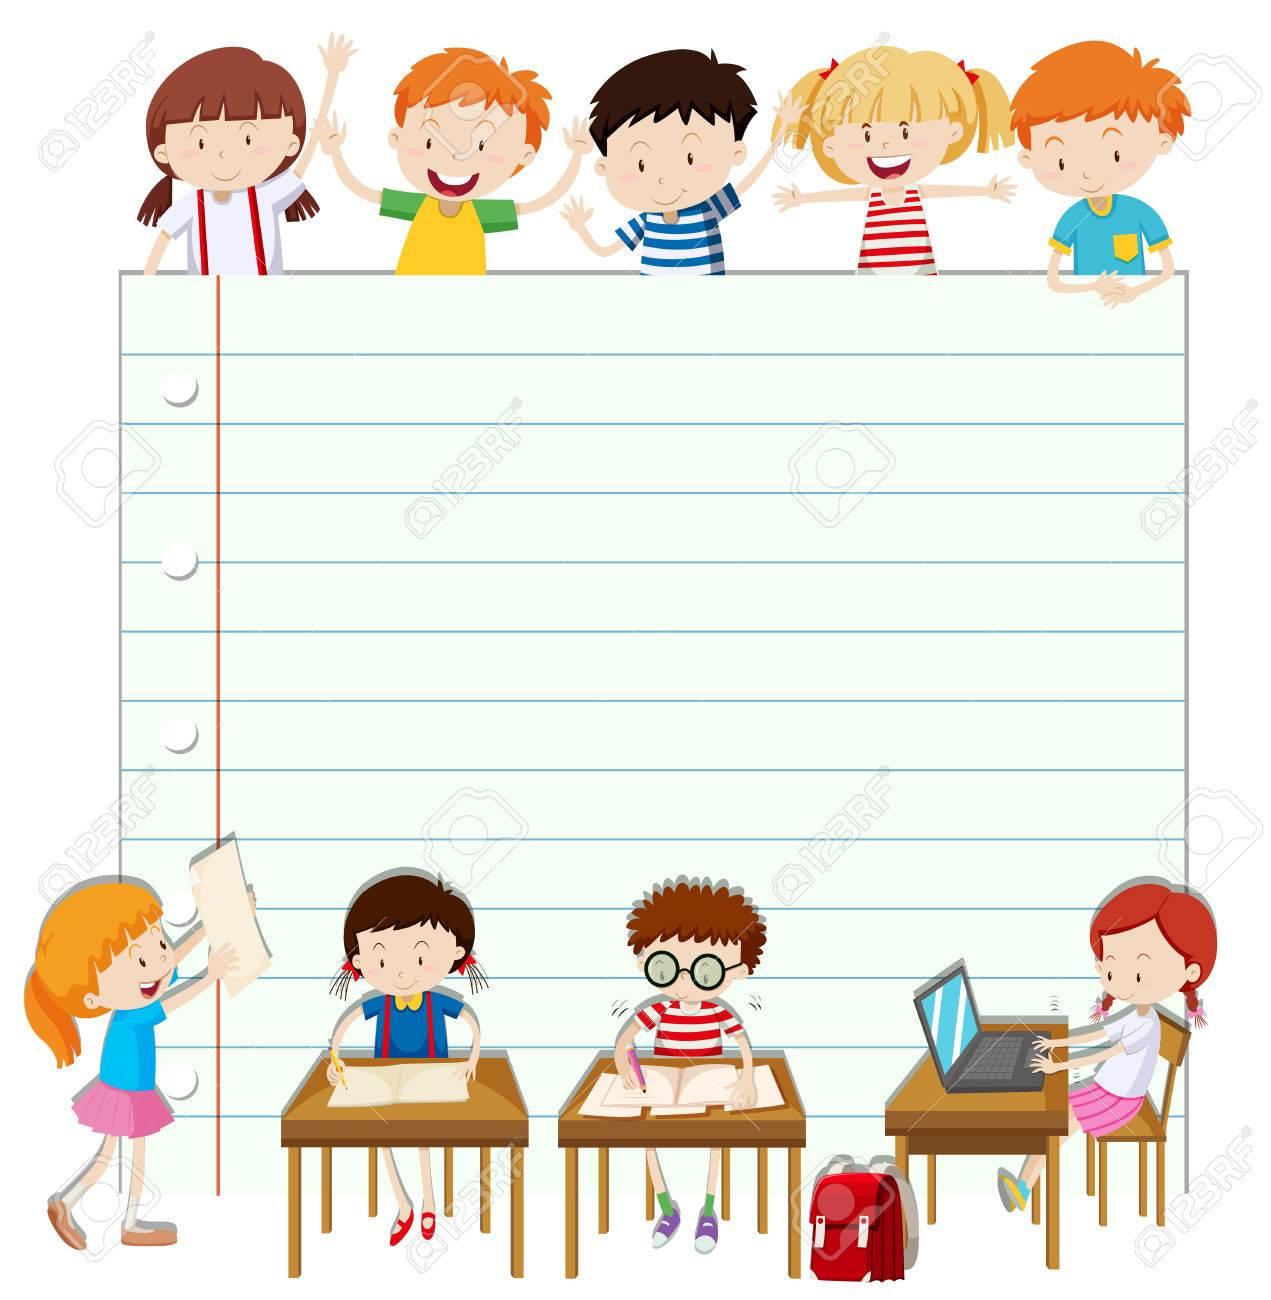 児教室イラストのライン設計のイラスト素材ベクタ Image 51552214